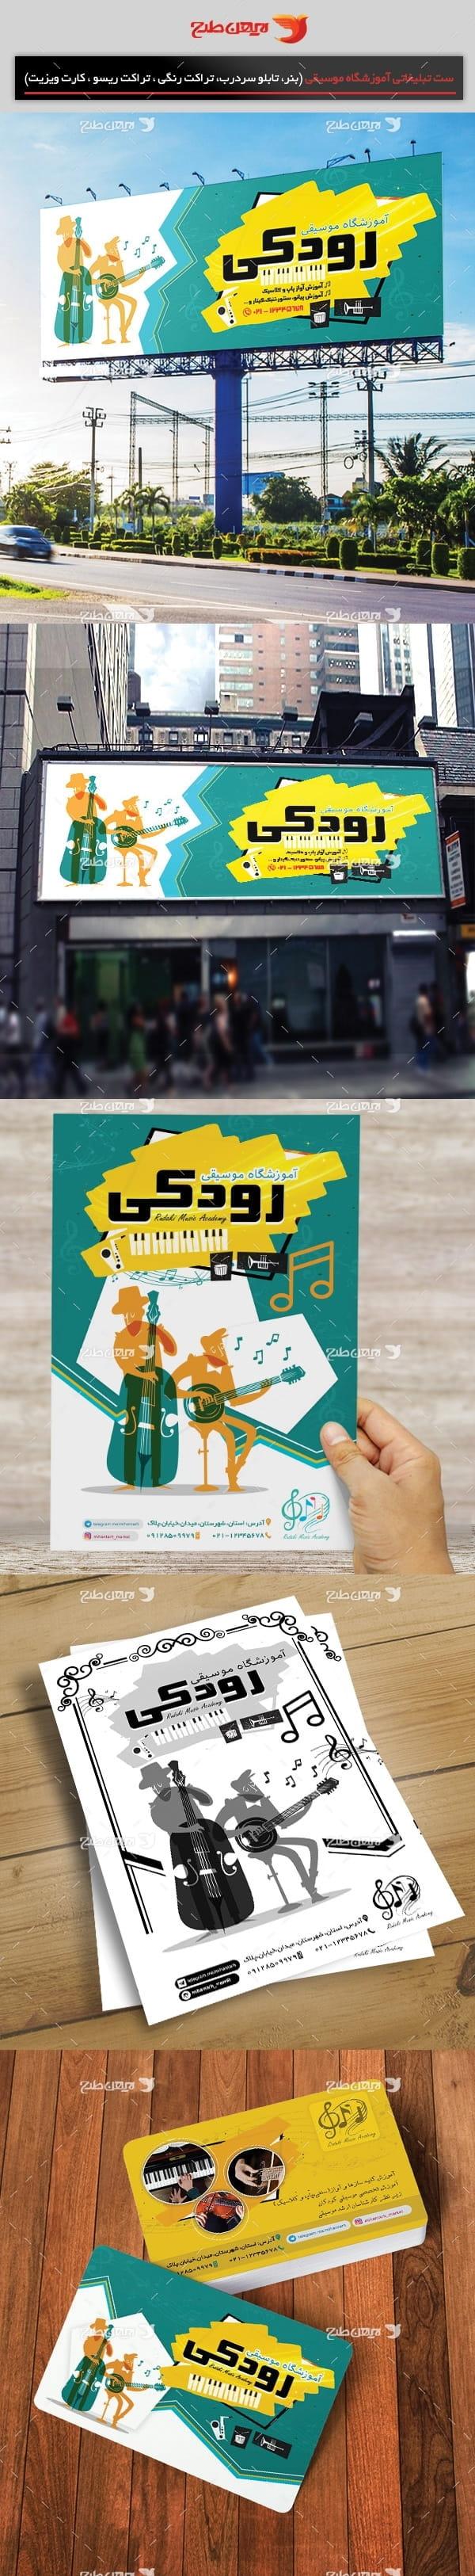 طرح لایه باز ست تبلیغاتی آموزشگاه موسیقی (تراکت رنگی، کارت ویزیت، تابلو سردرب ، تراکت ریسو )